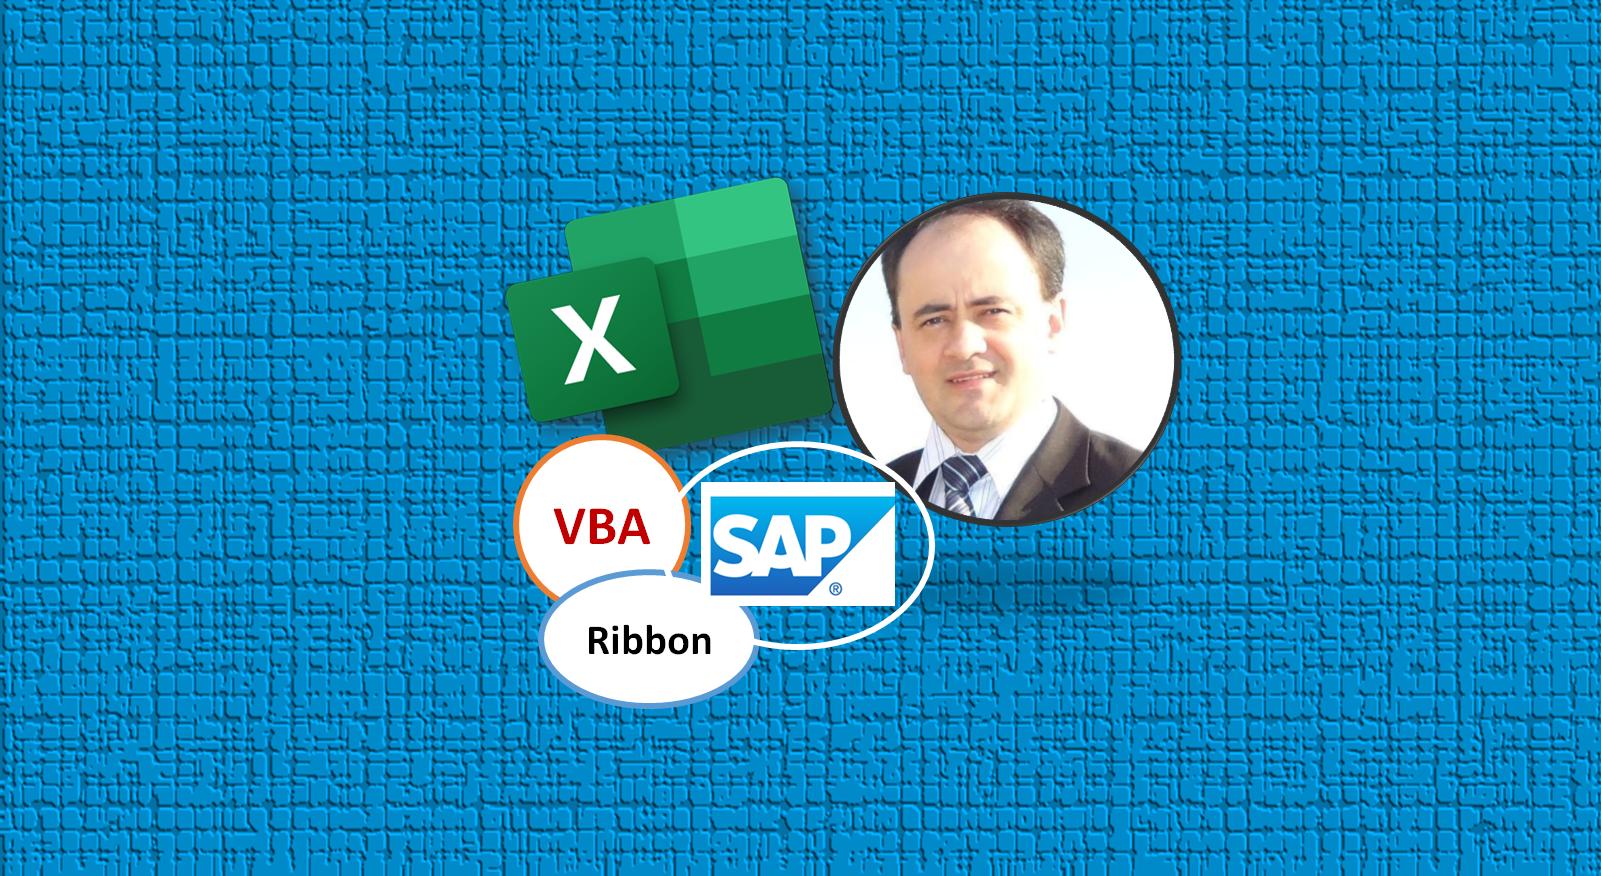 Curso de EXCEL e VBS: Automatize suas Atividades no SAP com o Excel e o VBA